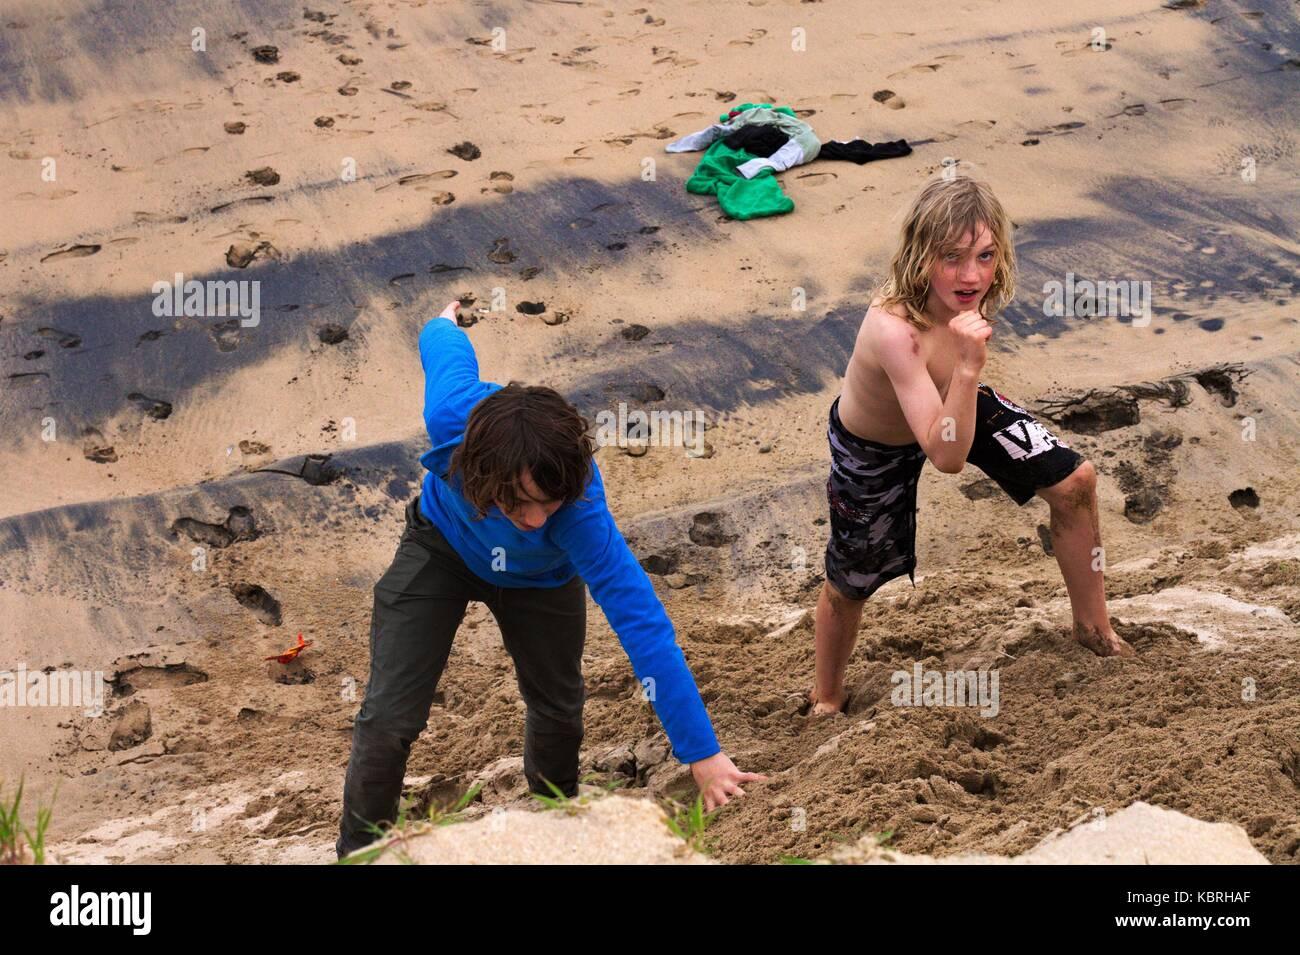 Young teenage boys running up a sandbank, Marengo Beach, Vic, Aus. - Stock Image